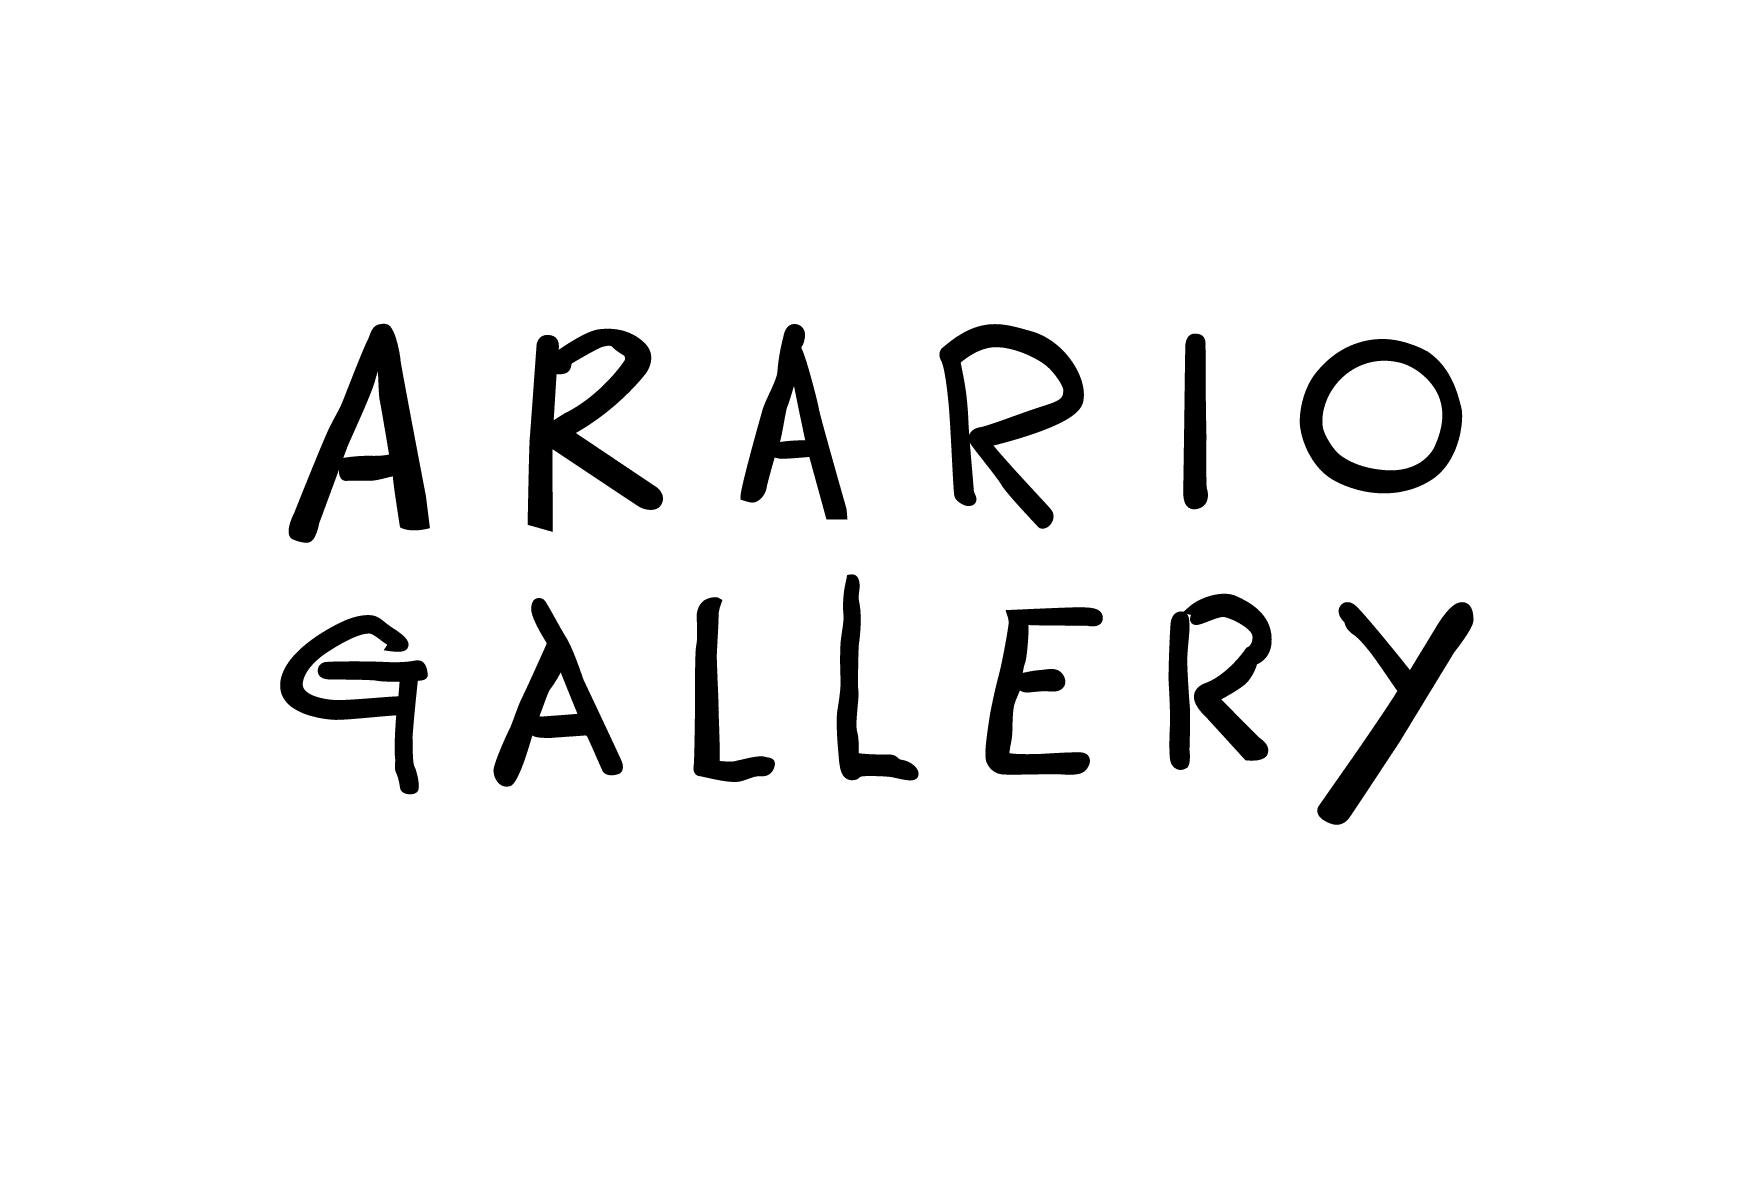 Arario Gallery company logo